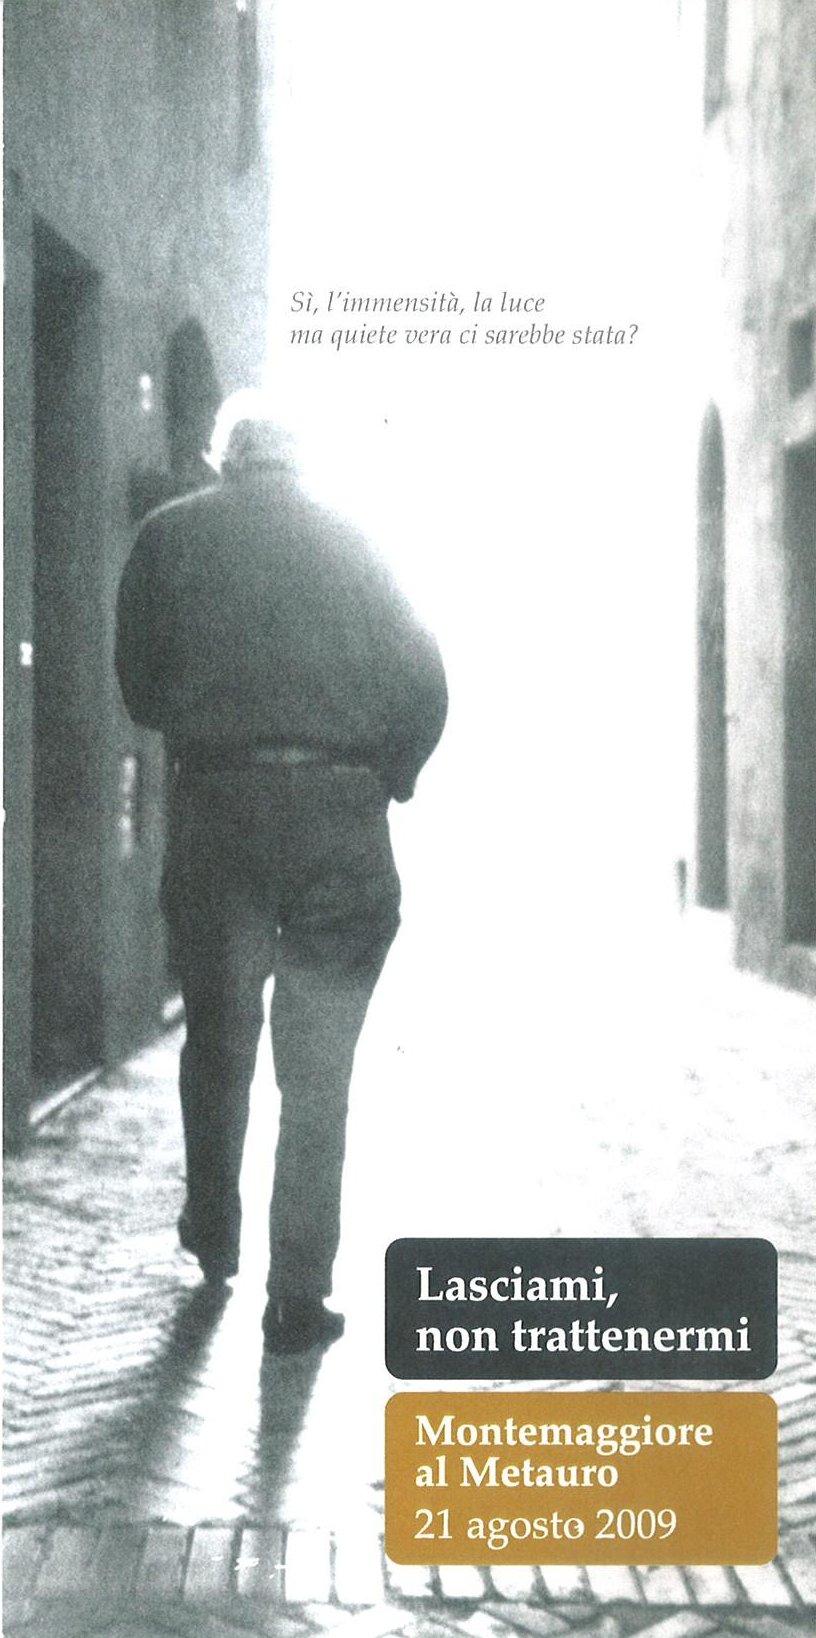 Mario Luzi - Montemaggiore al Metauro